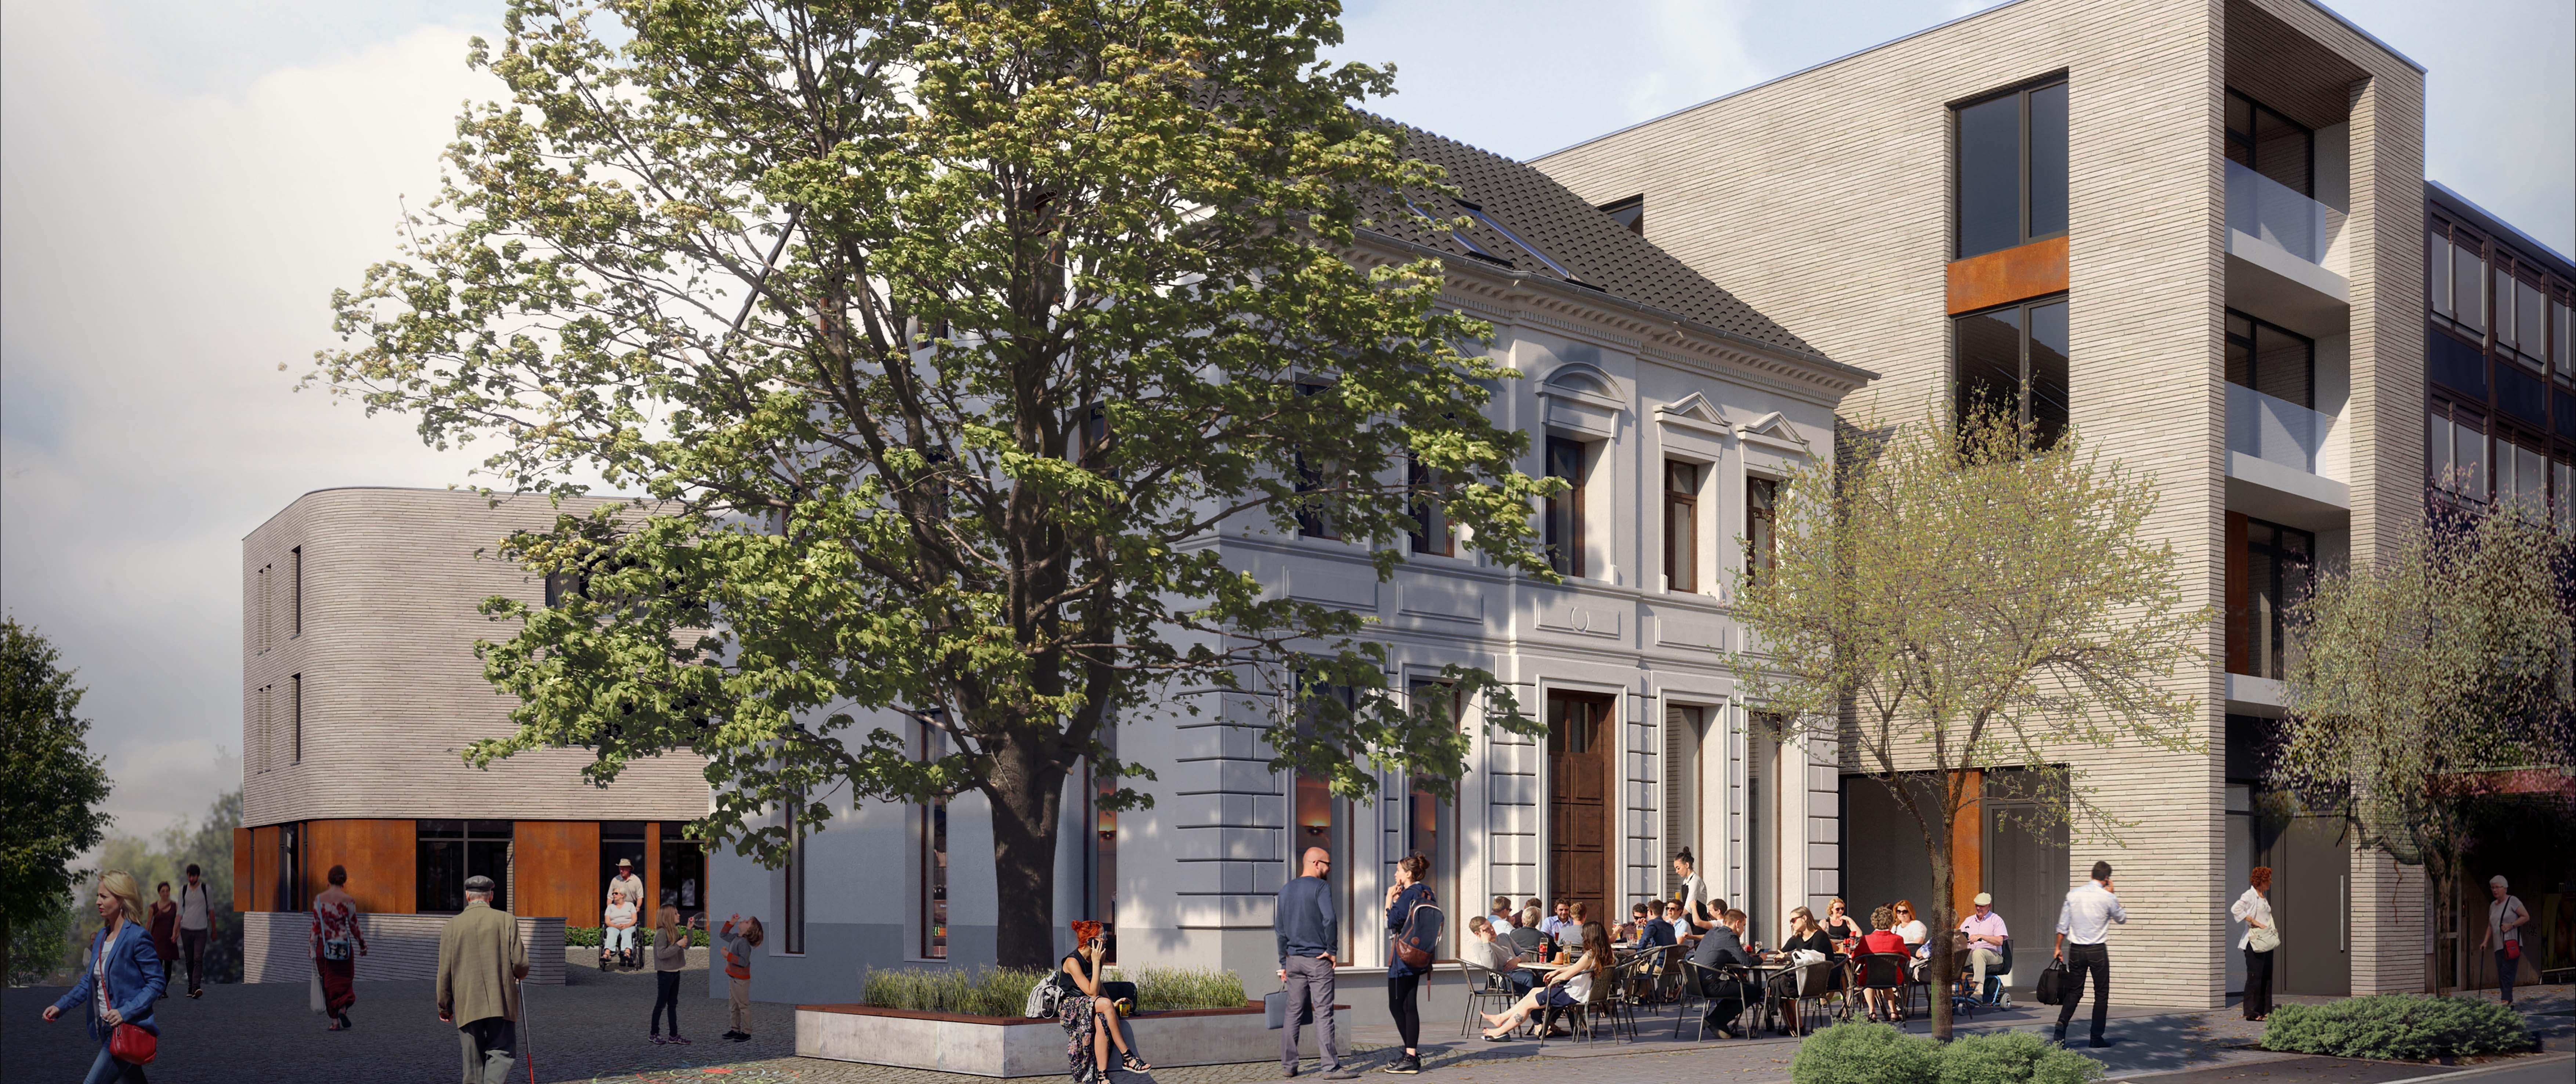 Altes Pastorat. Heiligenhaus, Neubau eines Bürogebäudes mit Hotel & Gastronomie